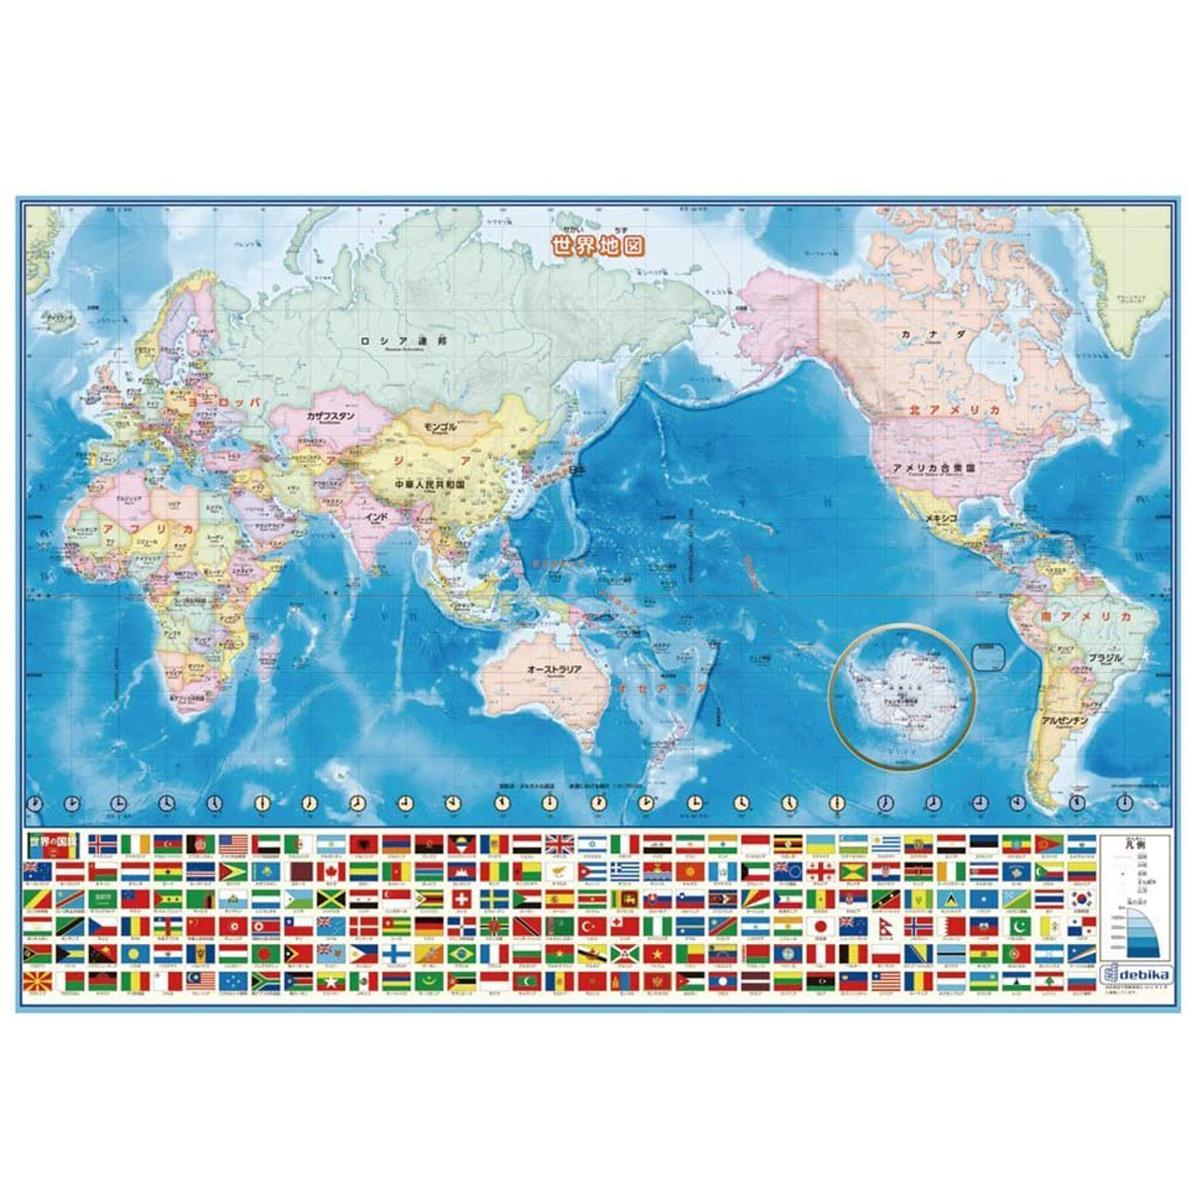 書く 消す プラシート メーカー在庫限り品 地図 学童 高品質新品 学校 教材 勉強 世界地図 中学受験 キッズ 小学生 子供 学習